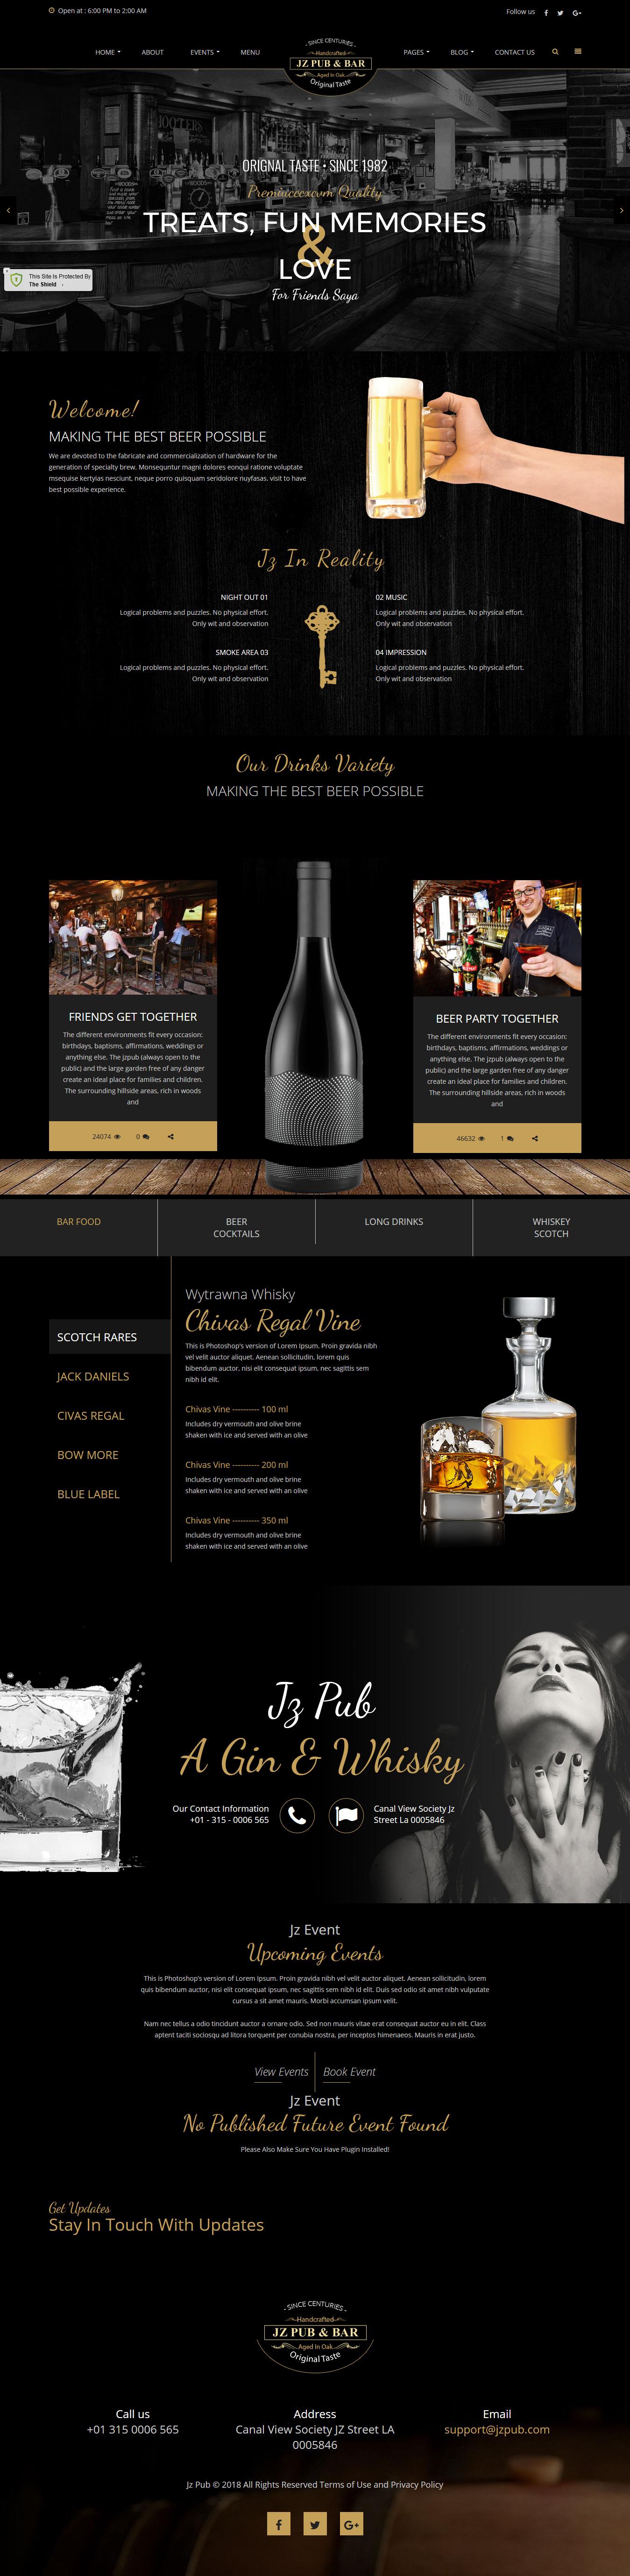 jz pub bar best premium bar pub wordpress theme - 10+ Best Premium Bar and Pub WordPress Themes